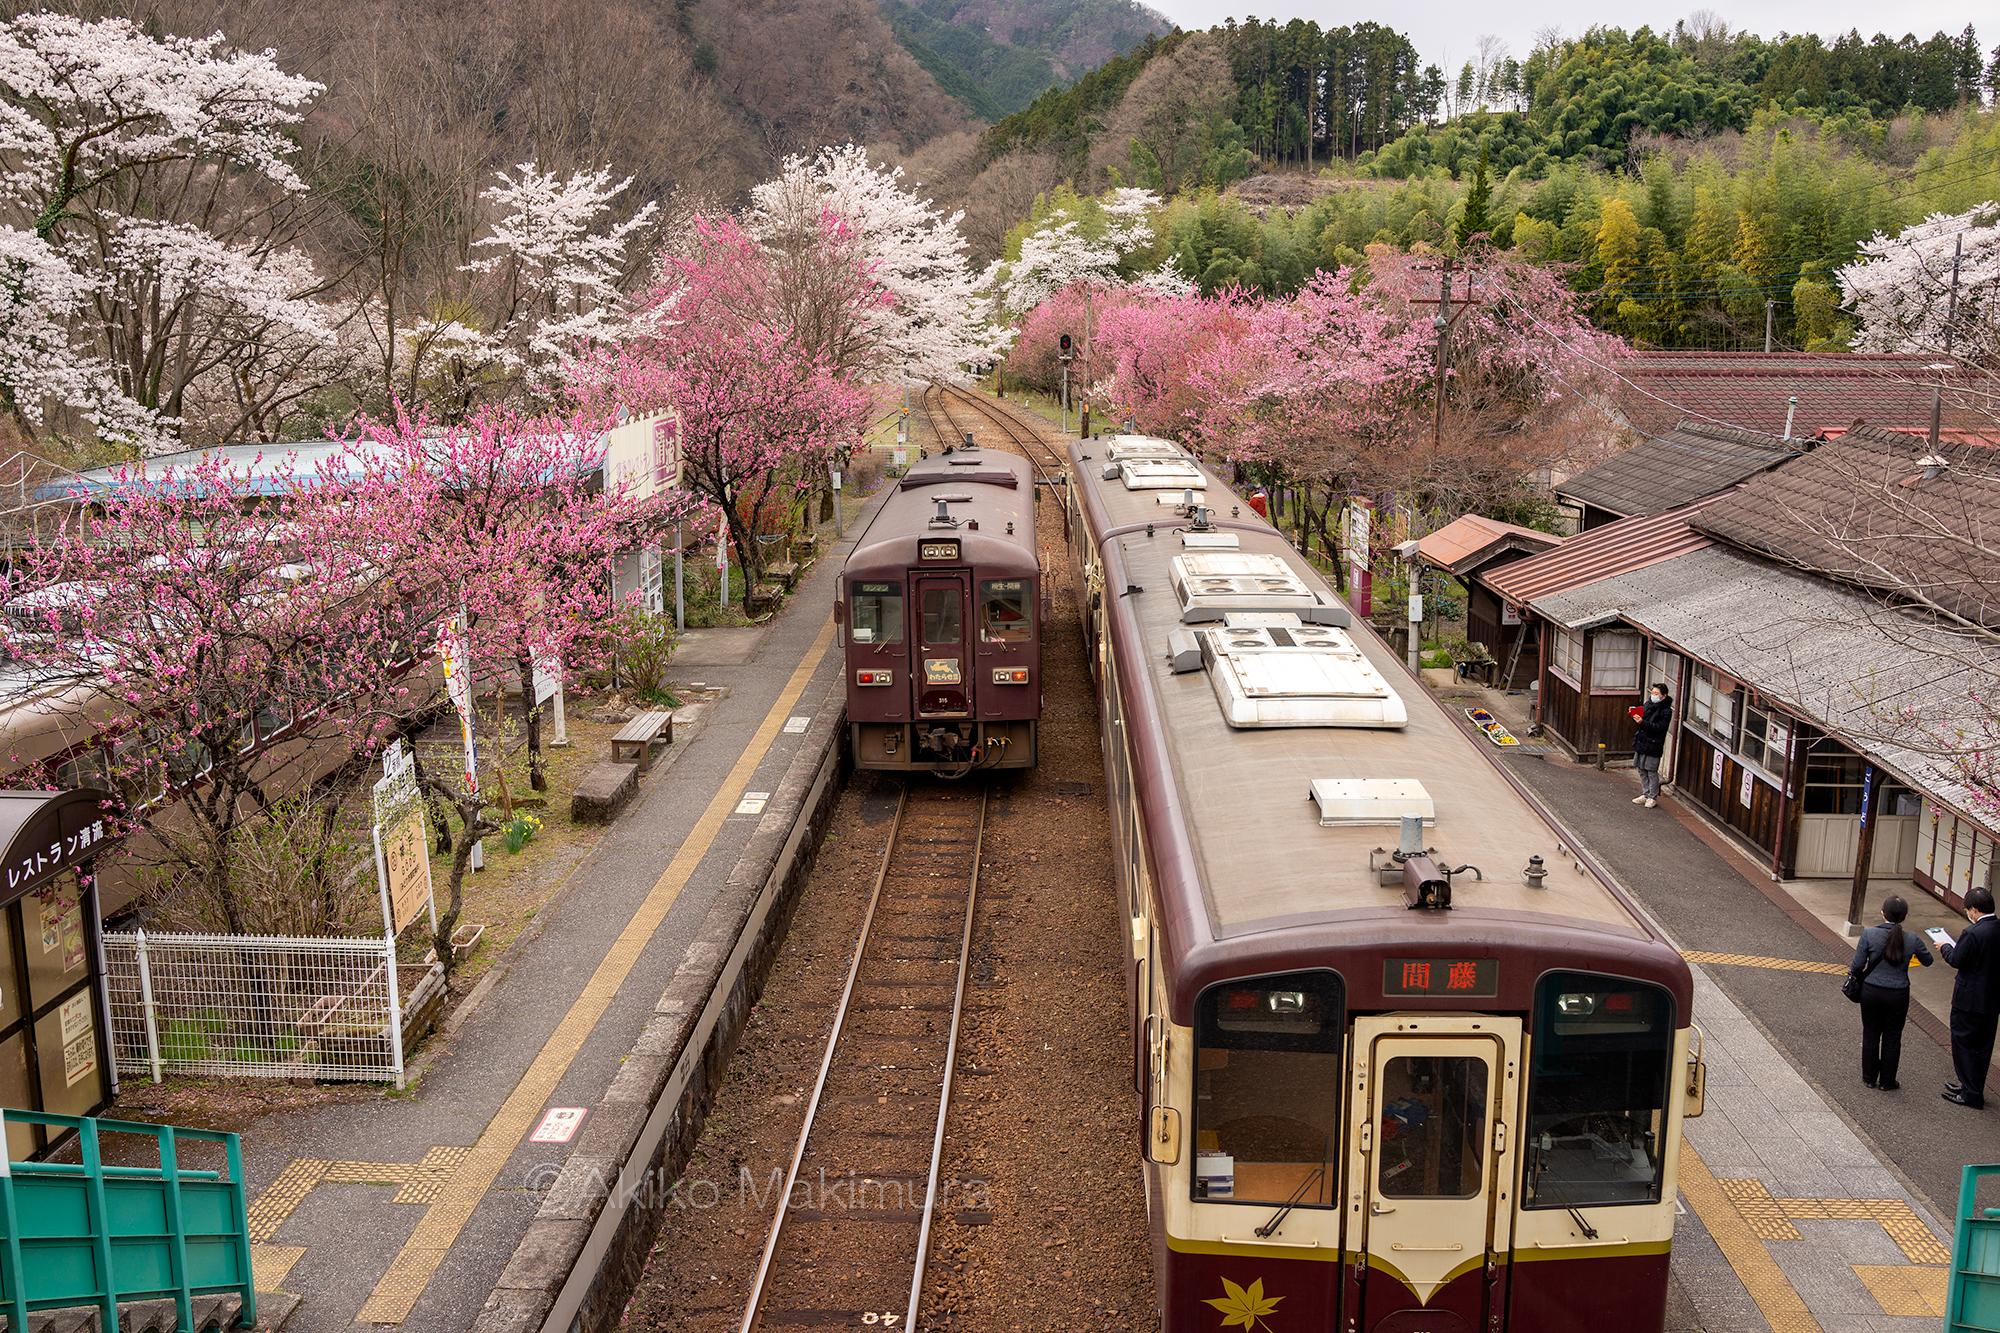 古い駅舎に咲く花桃 神戸駅を訪ねて わたらせ渓谷鉄道の旅4